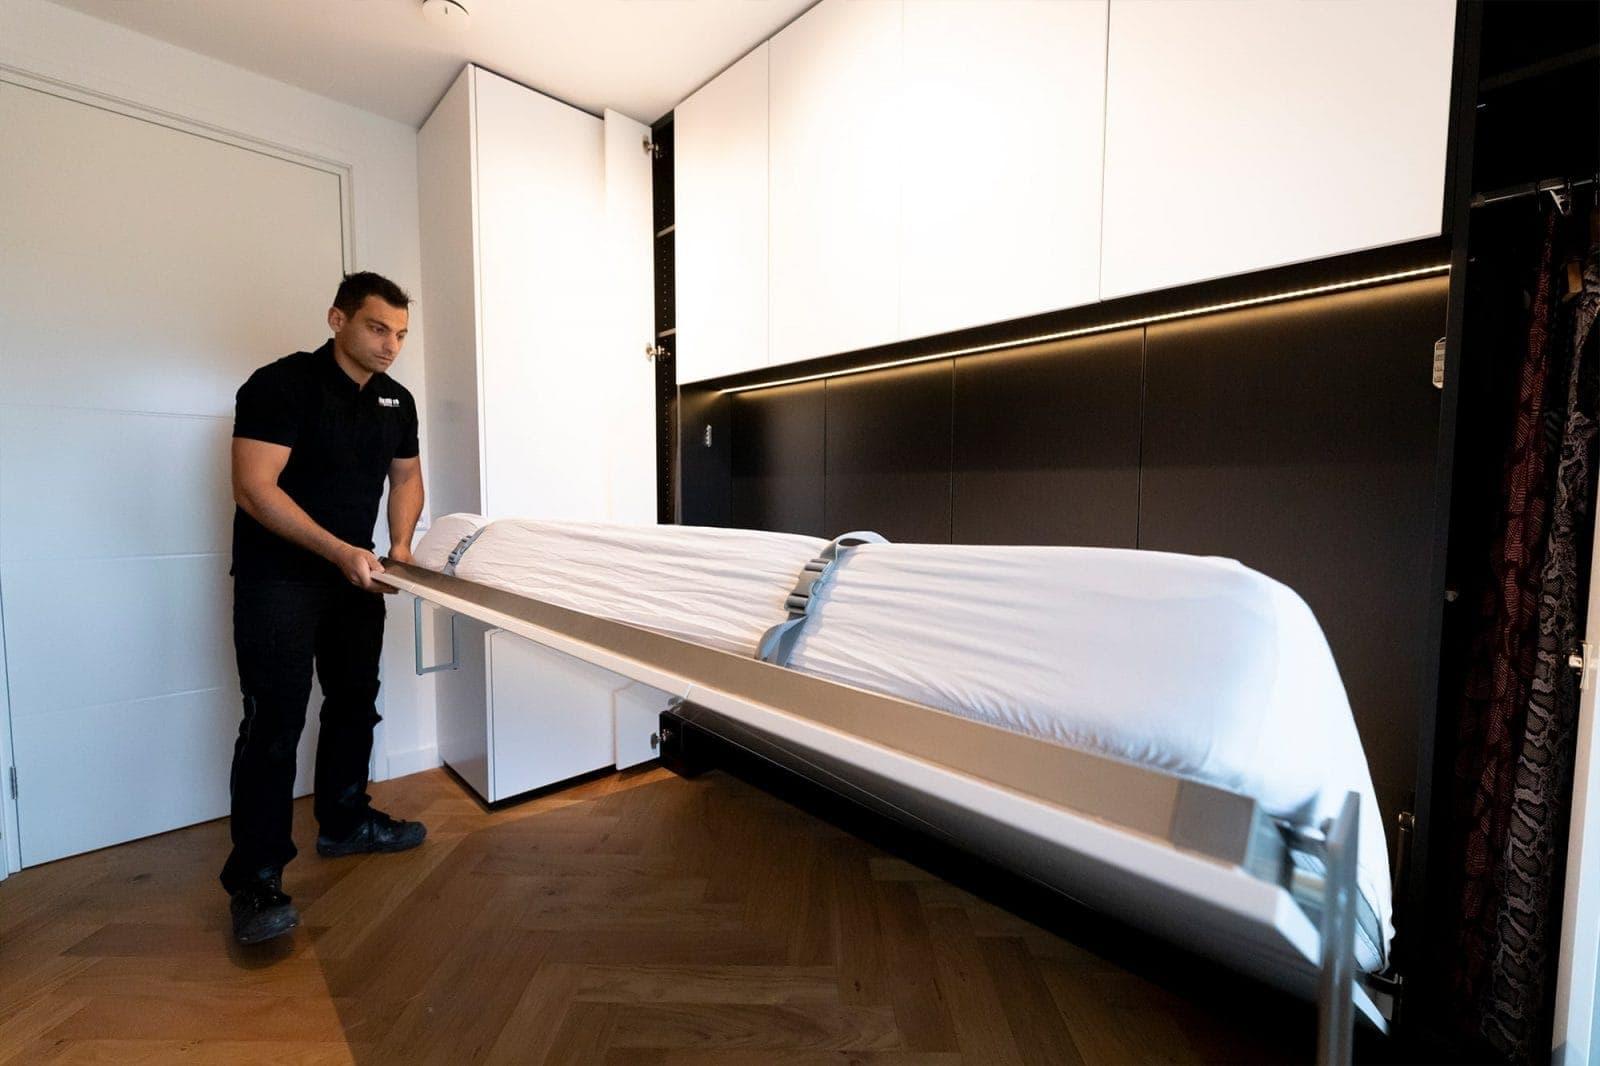 Atelier19 Inklapbed Kast Op Maat gemaakt door meubelmaker Zoetermeer